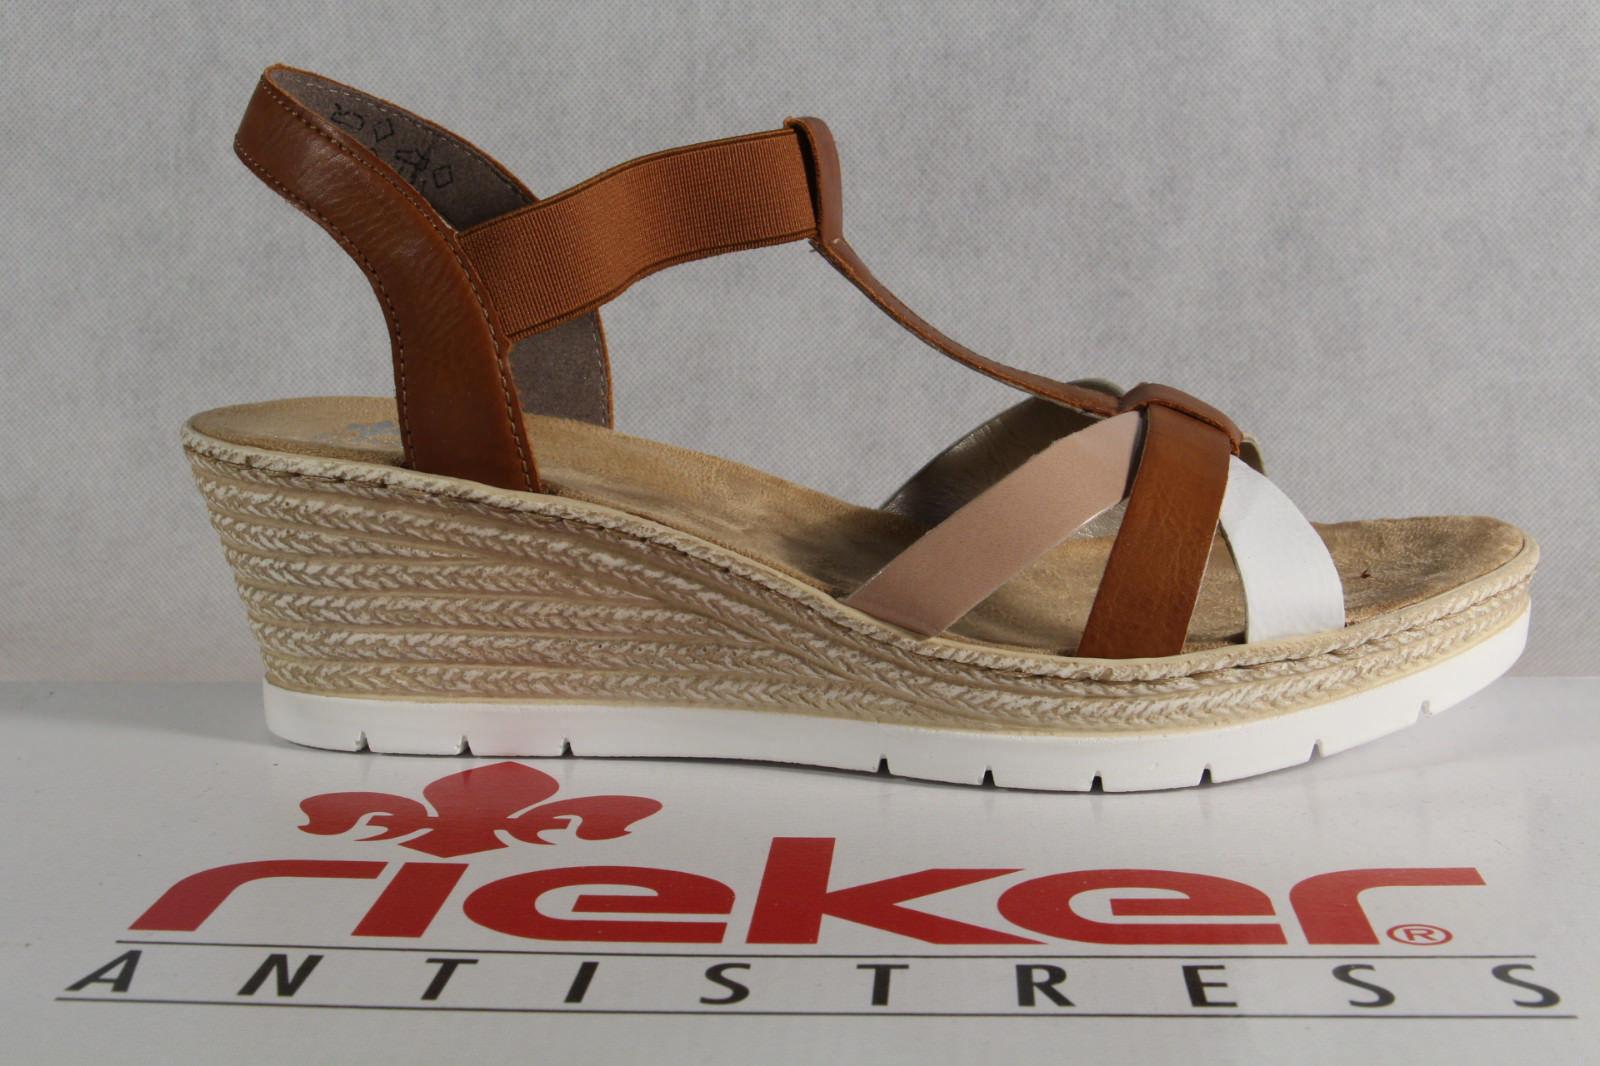 Rieker Damen Sandale Sandalette braun weiche Innensohle Keilabsatz 61995 NEU